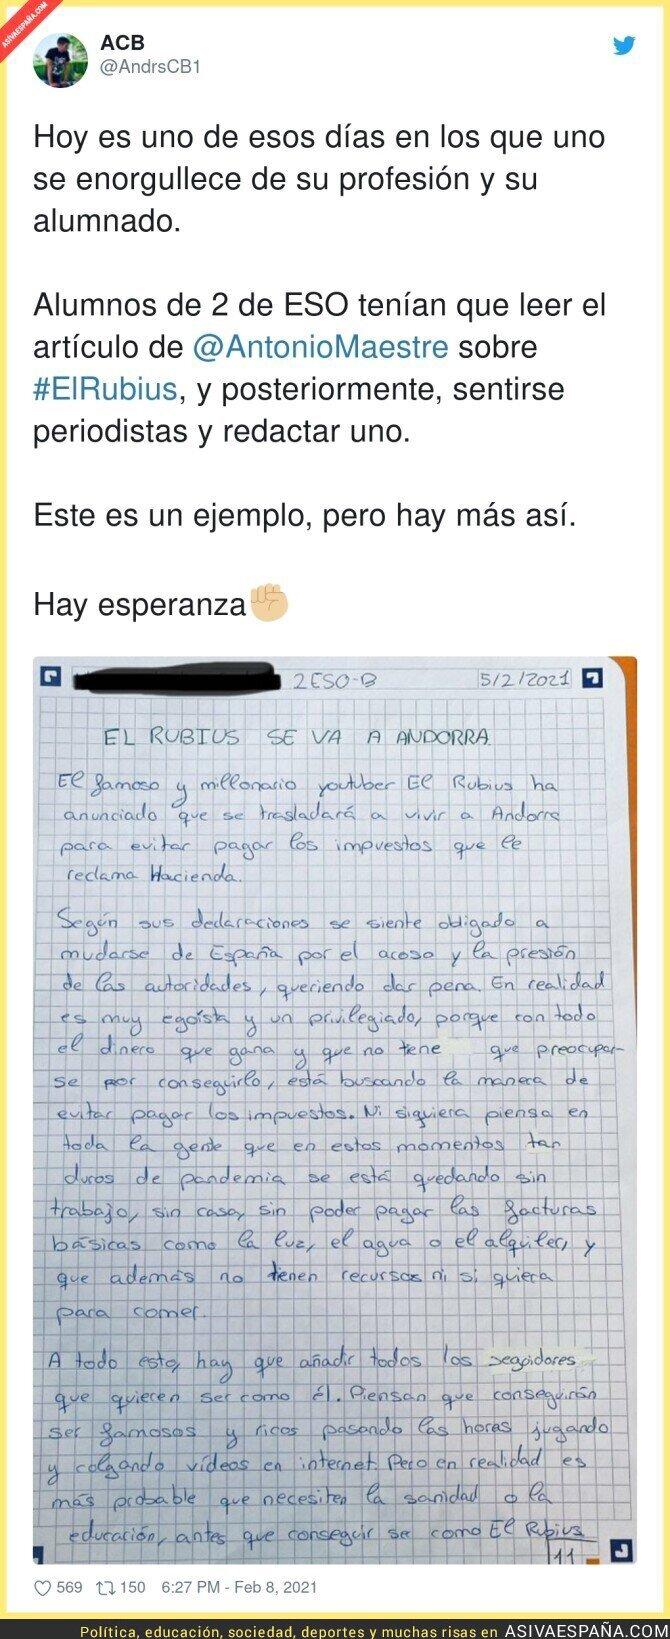 594446 - La carta que se ha hecho viral sobre un alumno de 2 de ESO sobre el Rubius y su fuga a Andorra